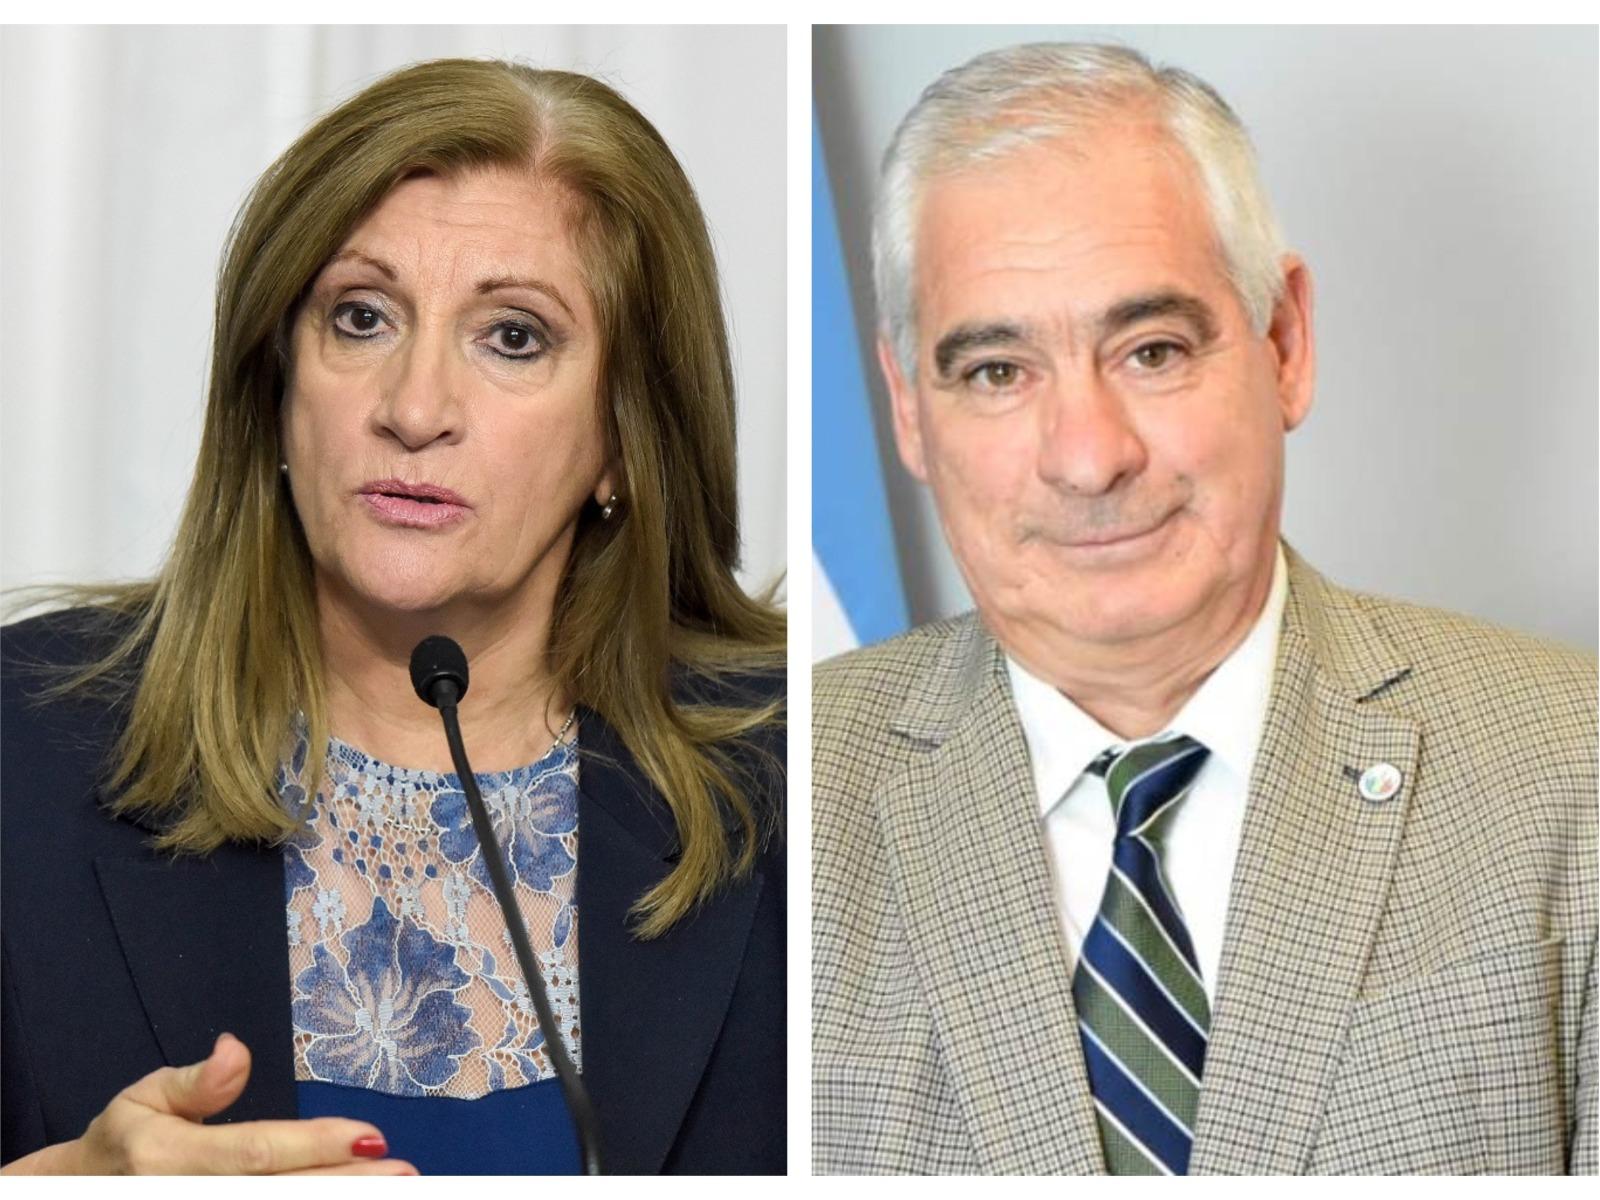 La Ministra Romero y el Defensor General discreparon sobre los abusos policiales